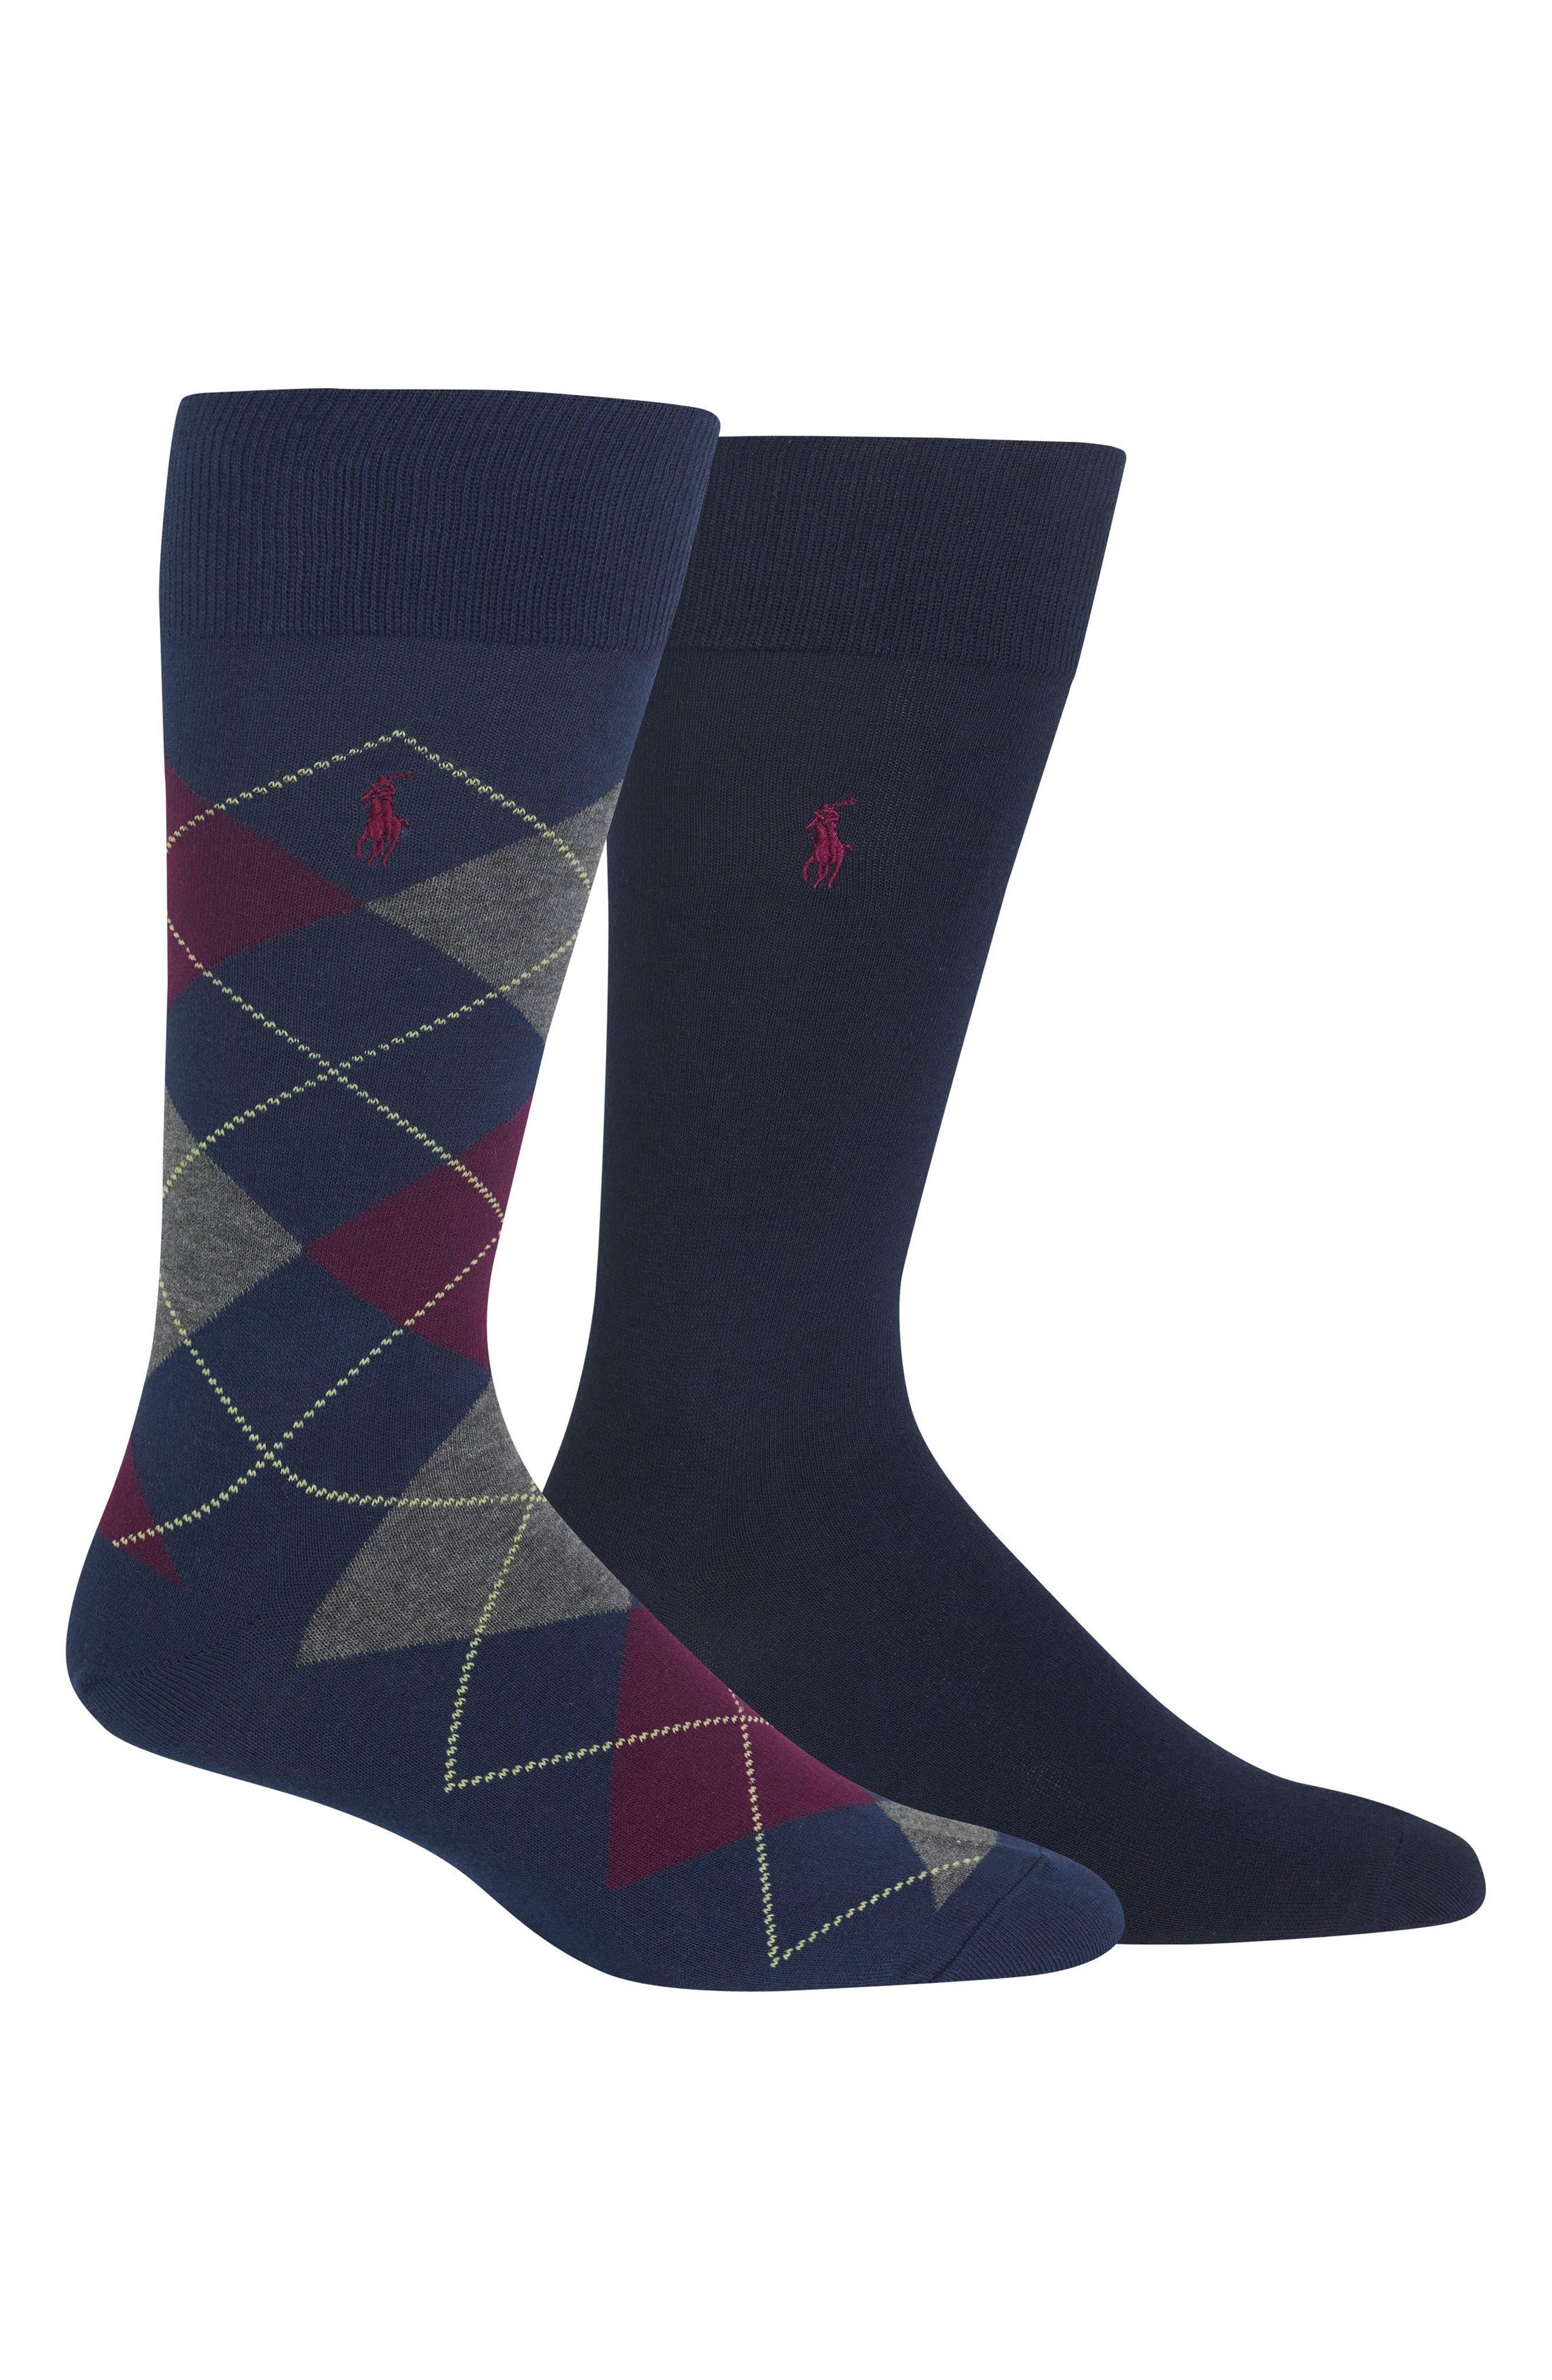 Cotton Blend Socks,                         Main,                         color, 499